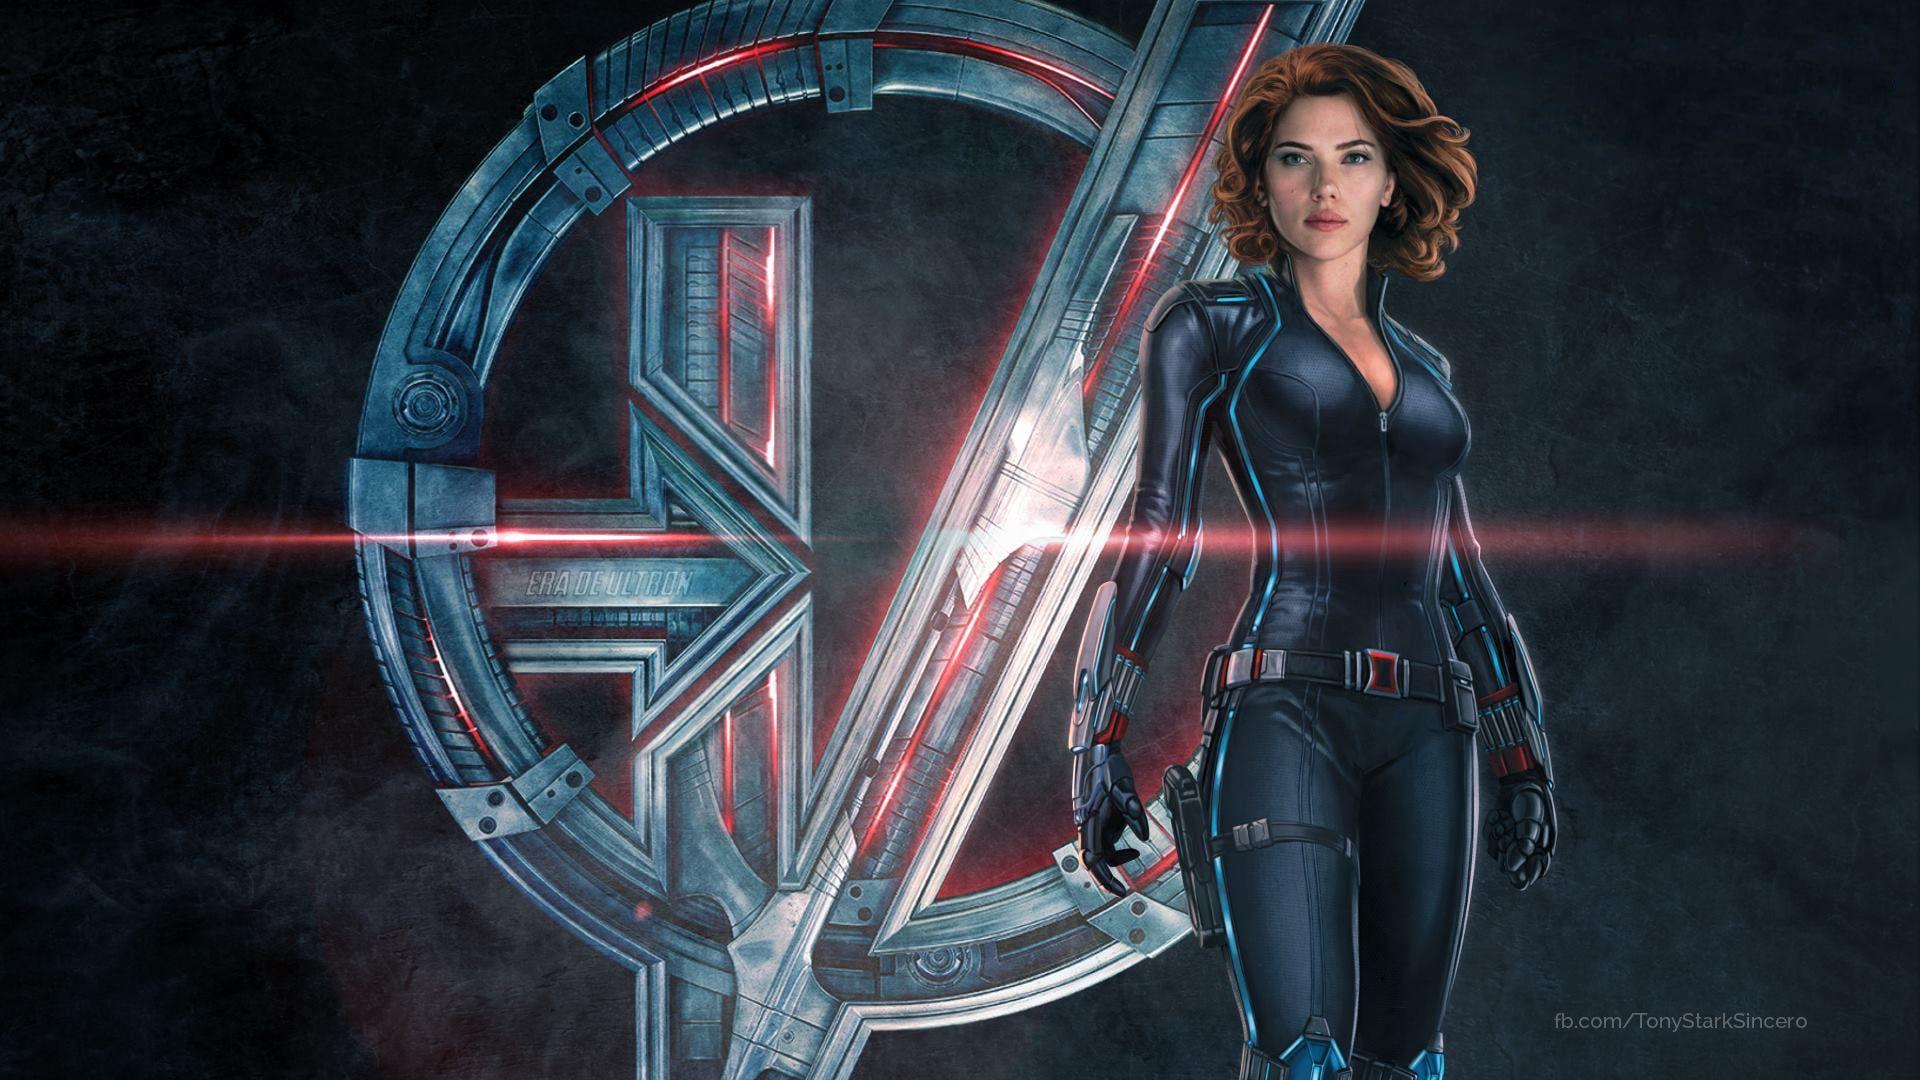 Scarlett Johansson The Avengers Avengers Age Of Ultron Superhero Symbols Scarlett Johansson Black Widow Movies Concept Avengers Age Avengers Age Of Ultron